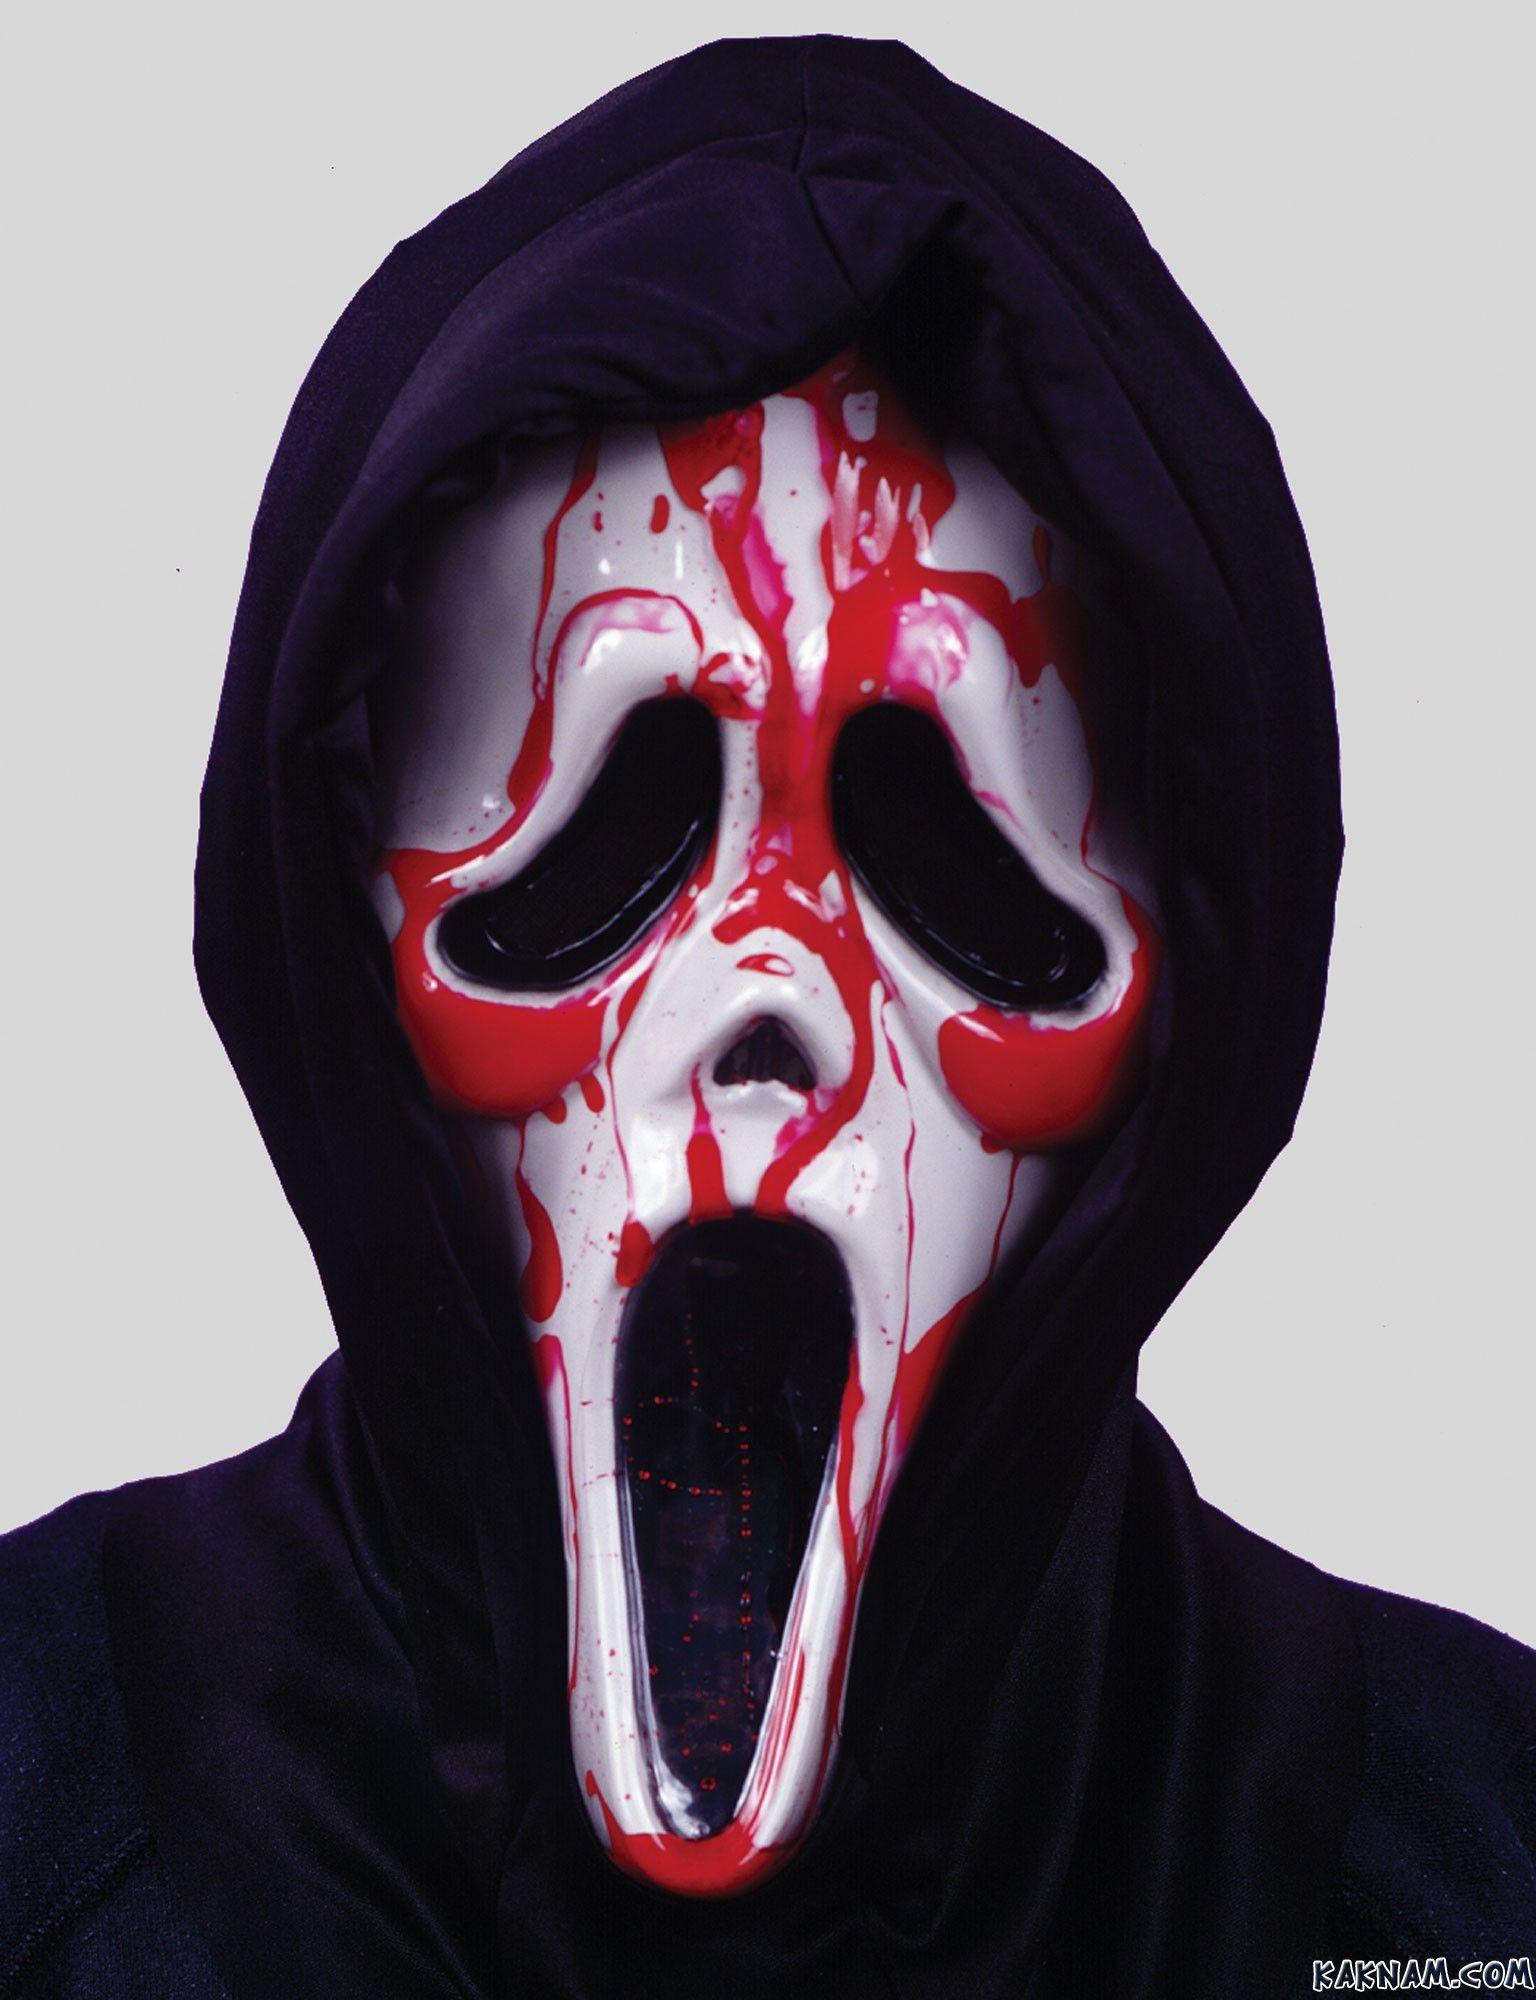 Как сделать себе маску из фильма крик